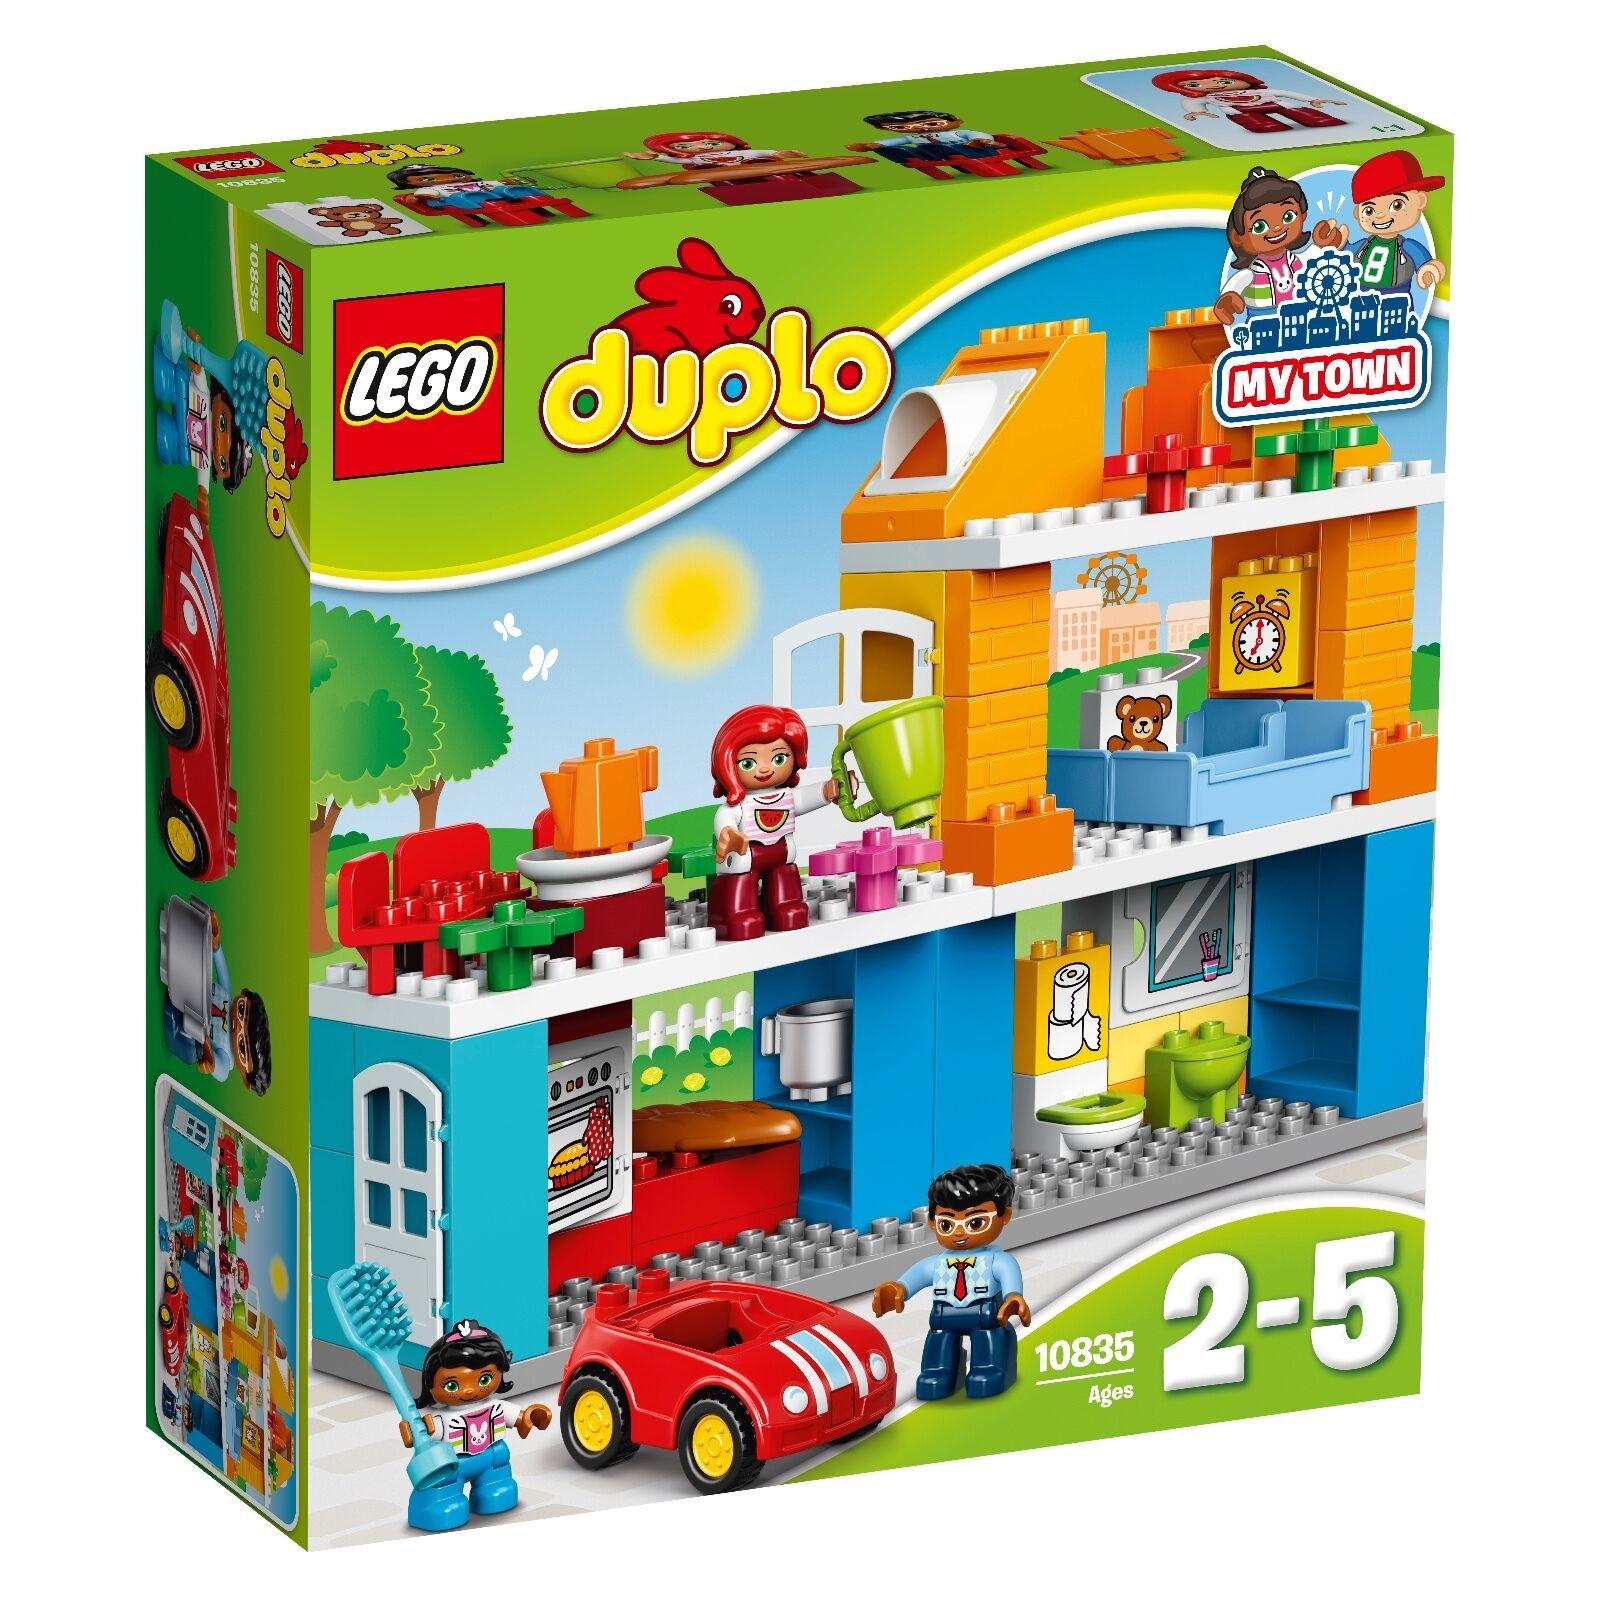 LEGO ® DUPLO ® 10835 maison familiale Nouveau neuf dans sa boîte _ Family House New En parfait état, dans sa boîte scellée Boîte d'origine jamais ouverte